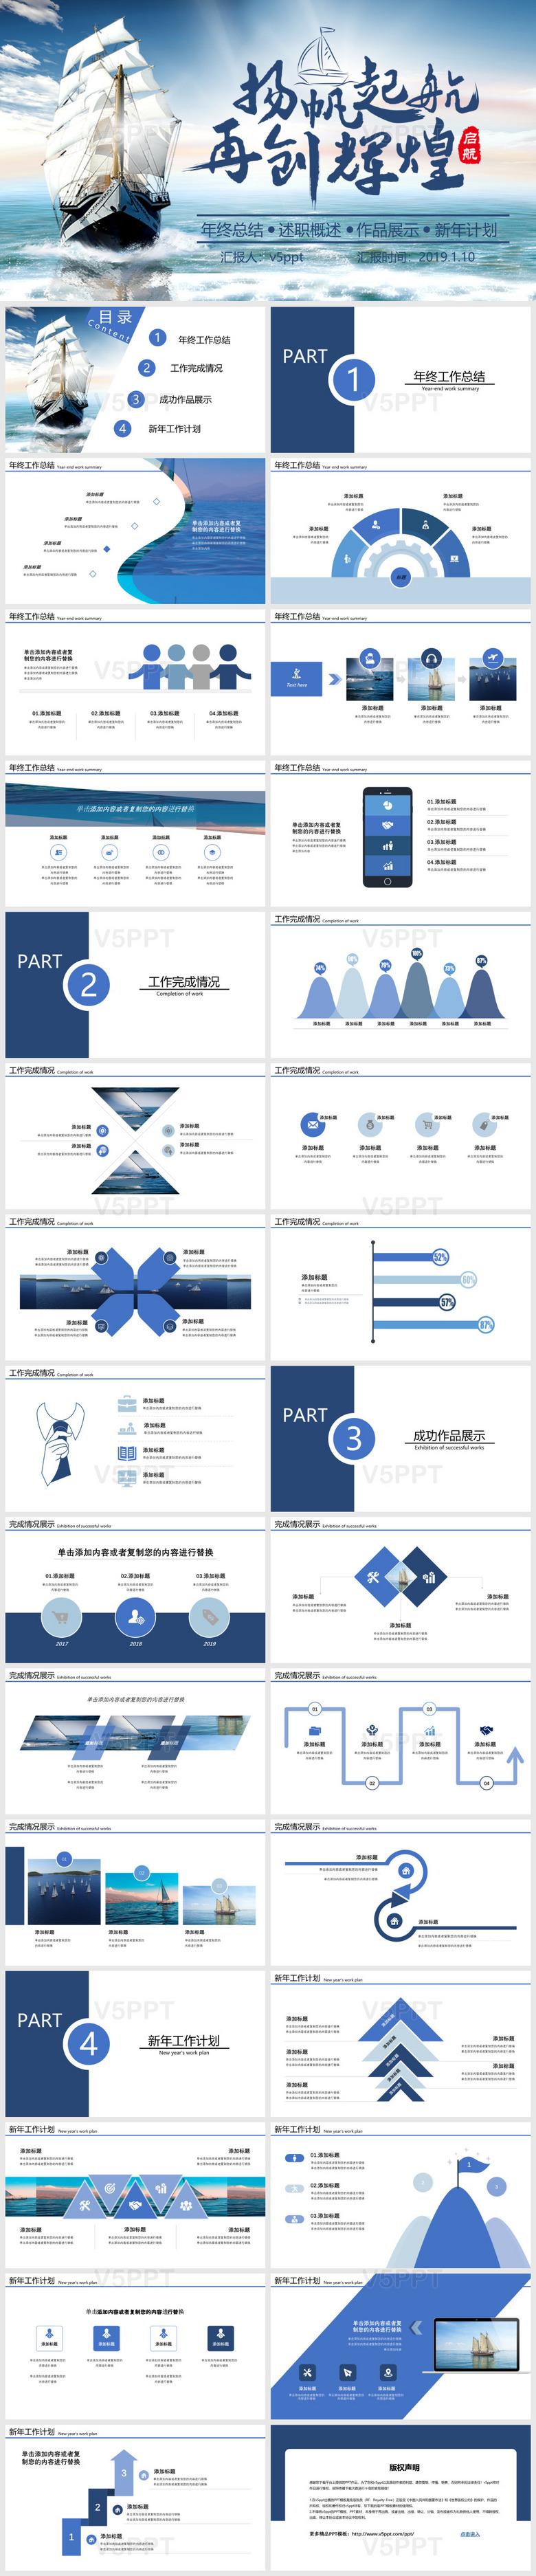 2019经典蓝色商务风年终工作总结扬帆起航再创辉煌商务PPT模板